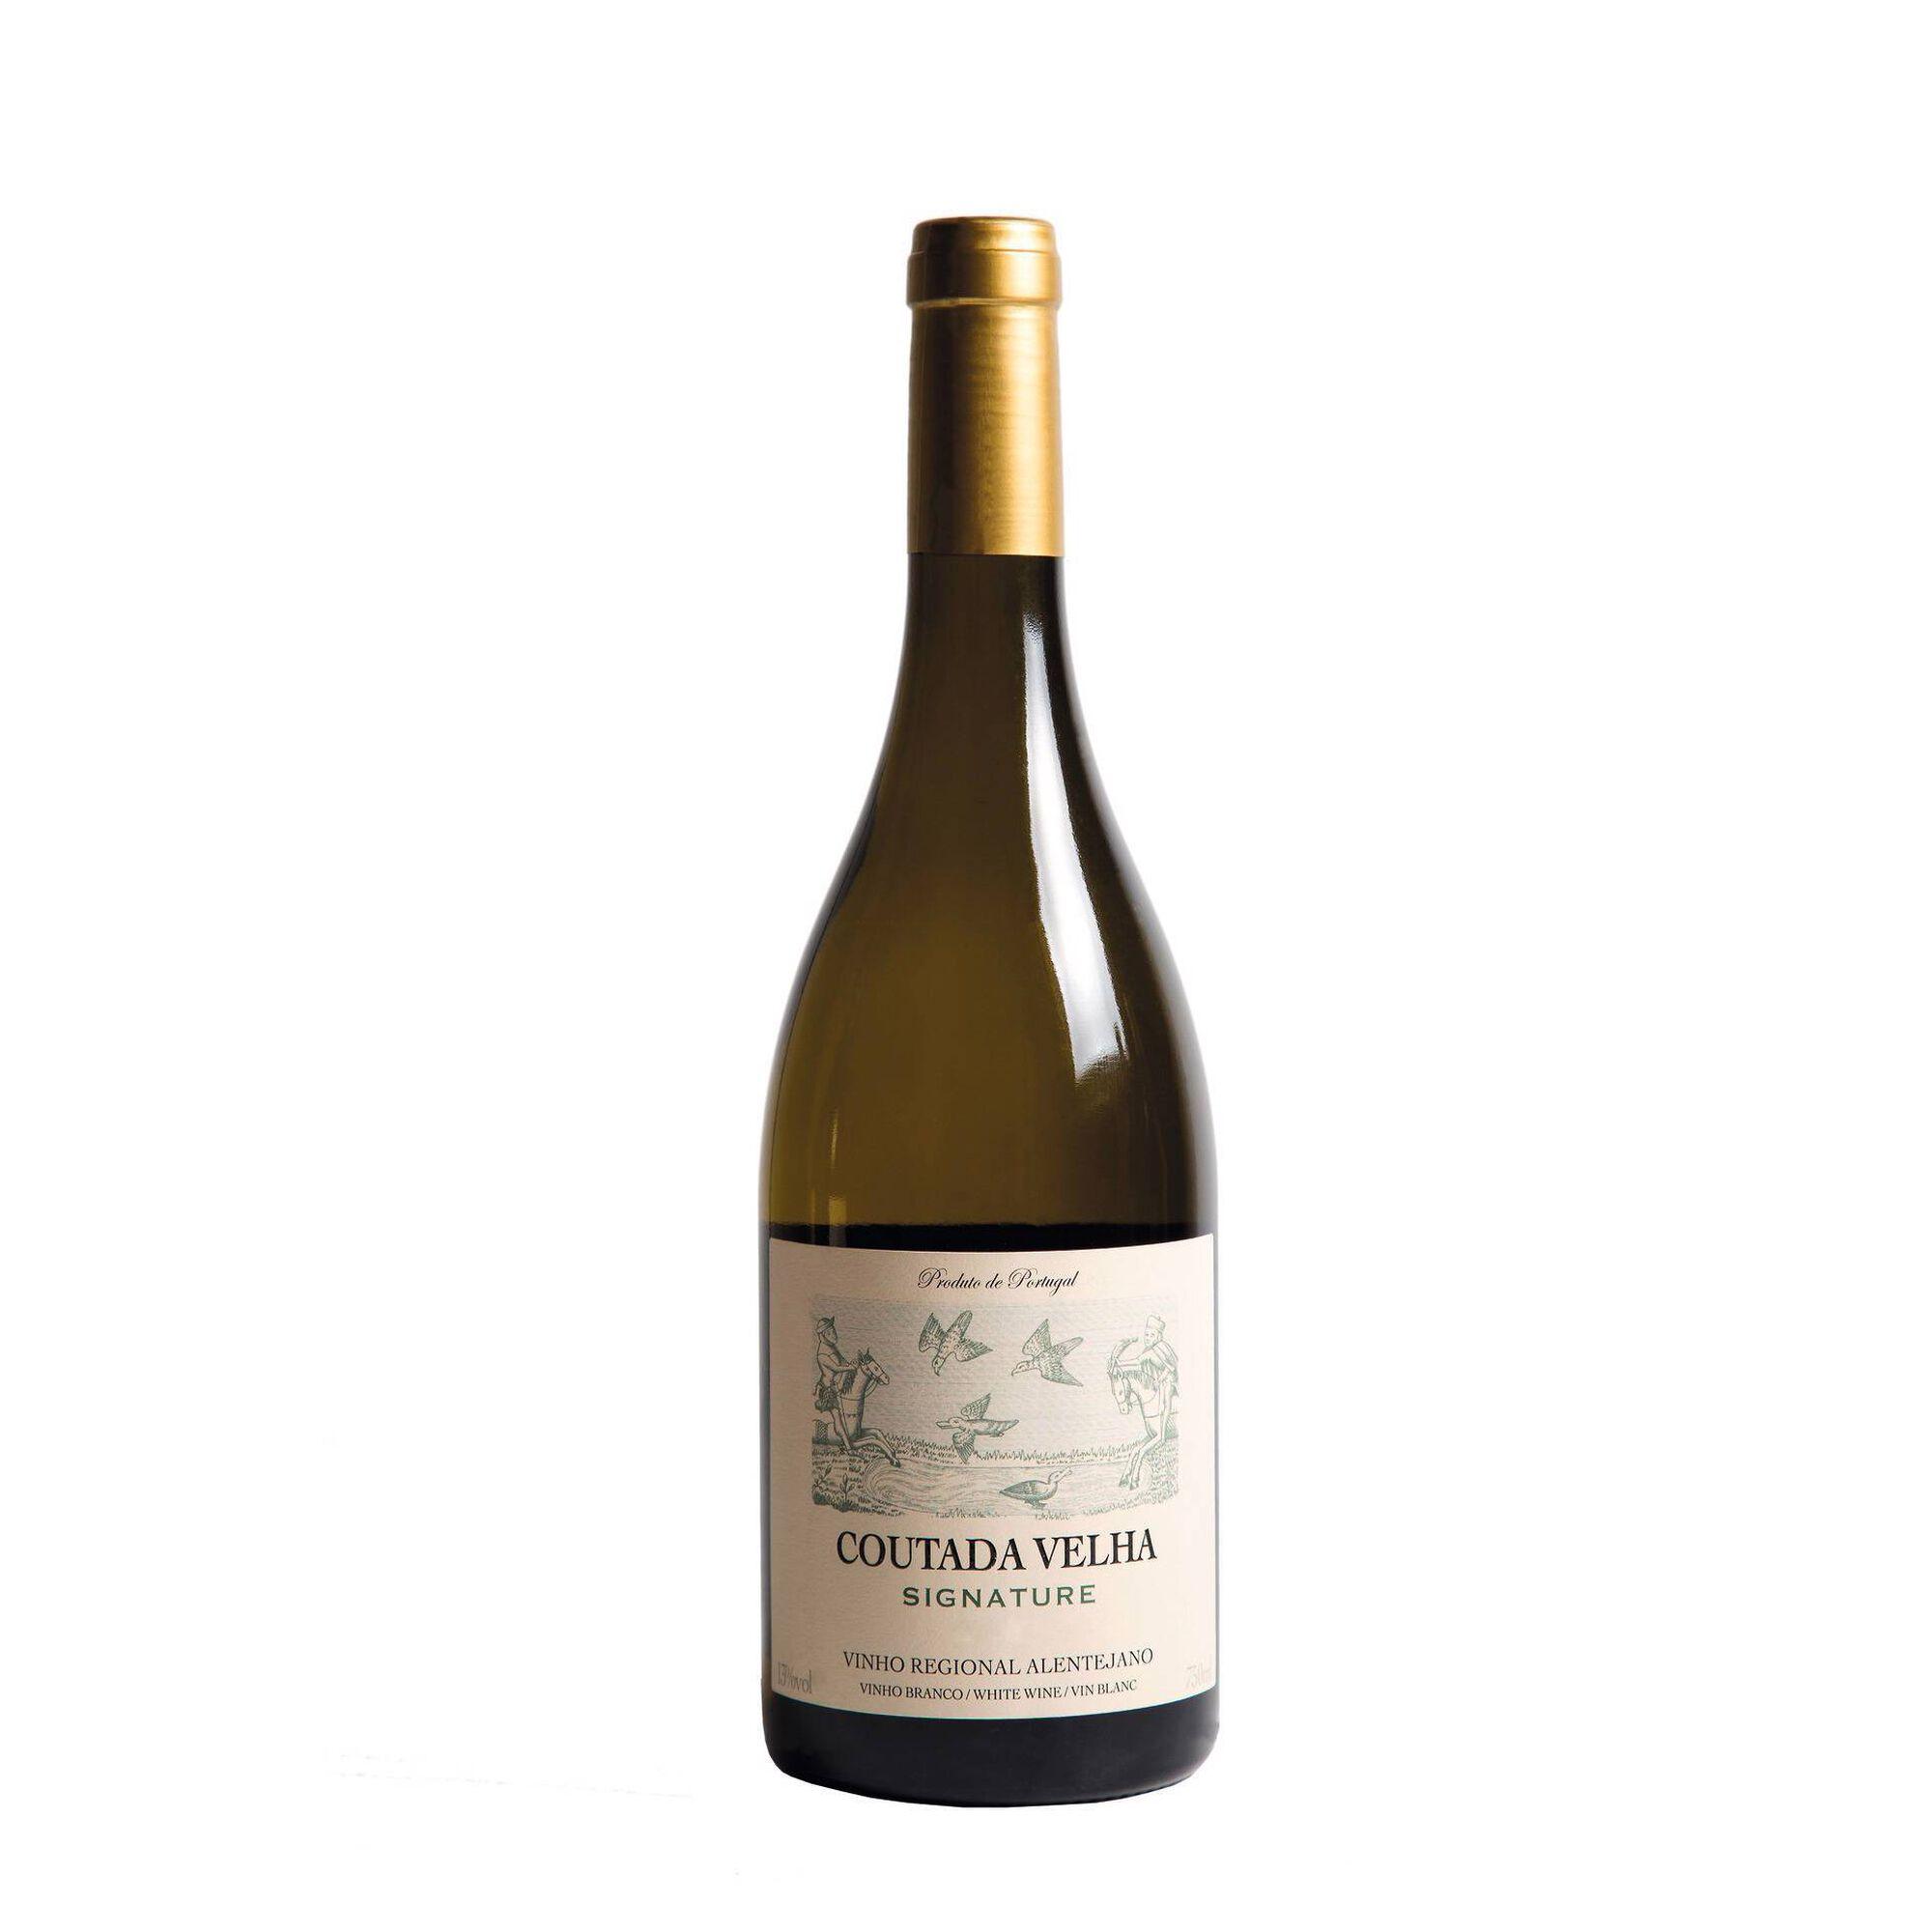 Coutada Velha Signature Regional Alentejano Vinho Branco